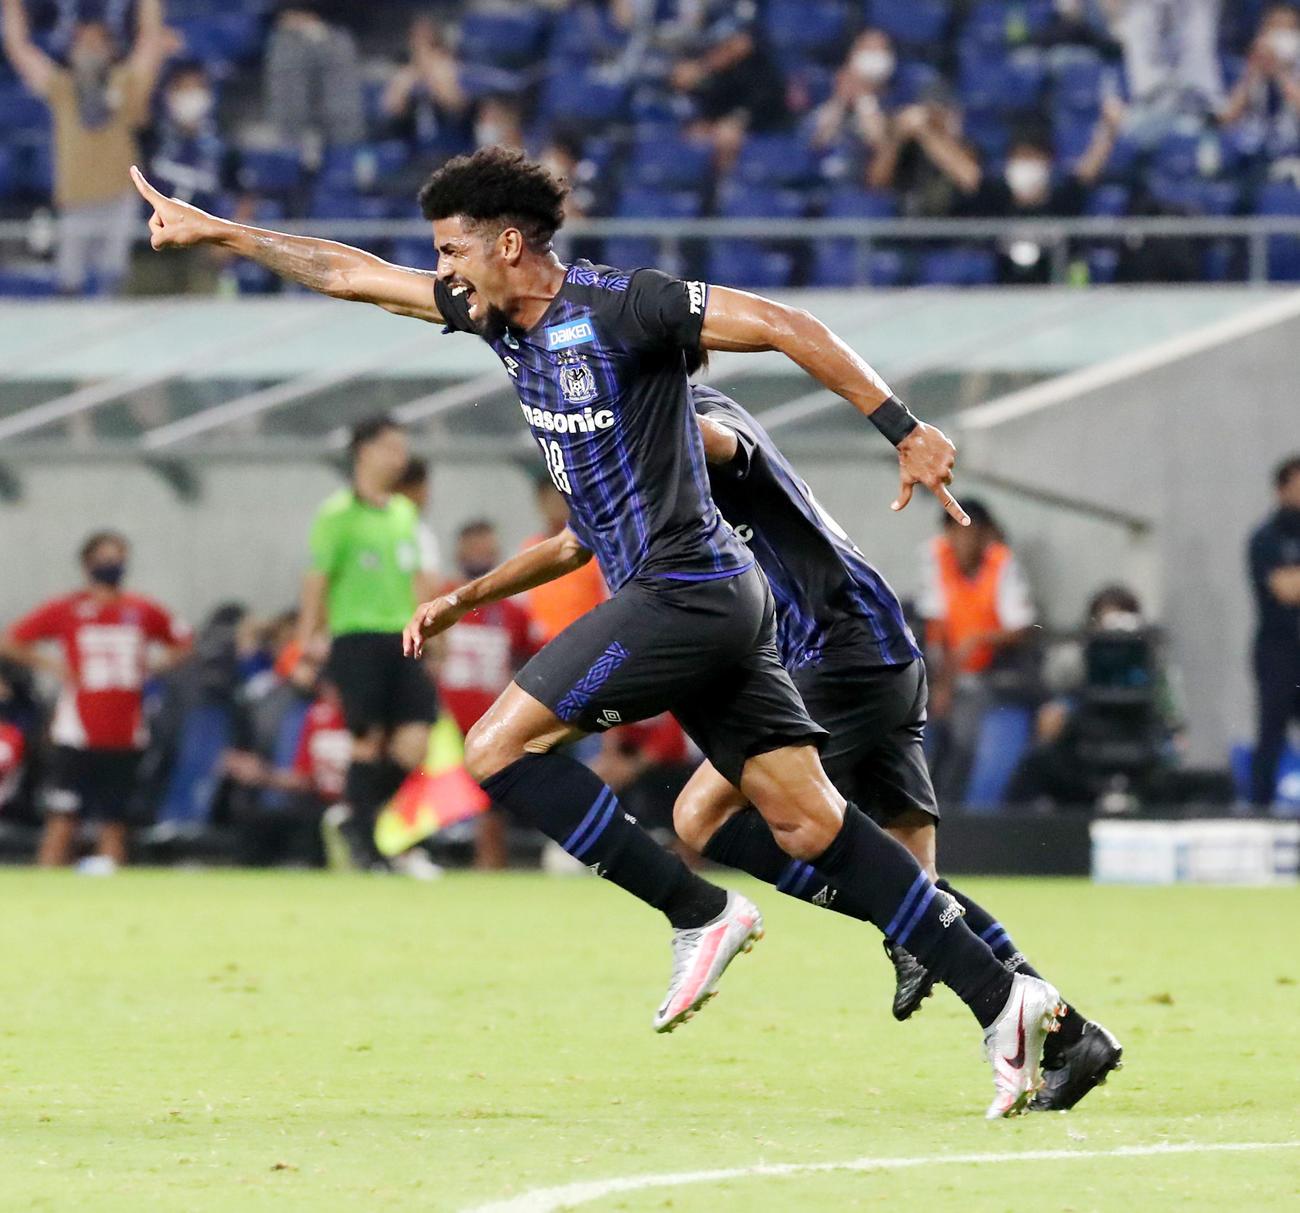 G大阪対横浜FC 後半、G大阪FWパトリックはCKに頭で合わせ勝ち越しゴールを決める(撮影・加藤哉)